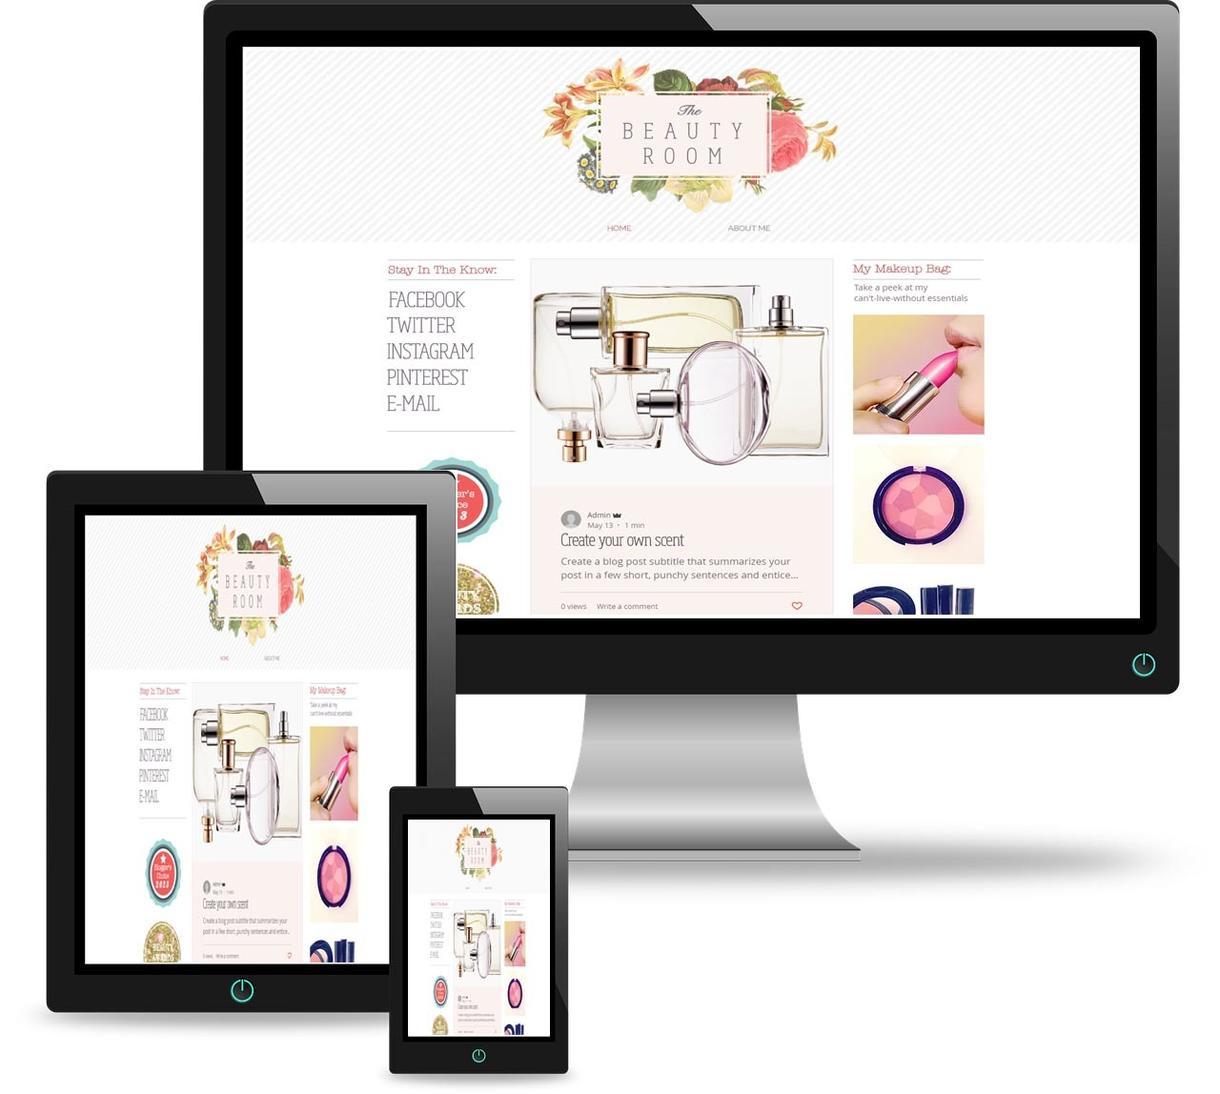 期間限定◇価格◆用途は様々な1ページを制作します 不動産、健康食品、サービス販売、美容系の紹介ページなど対応可